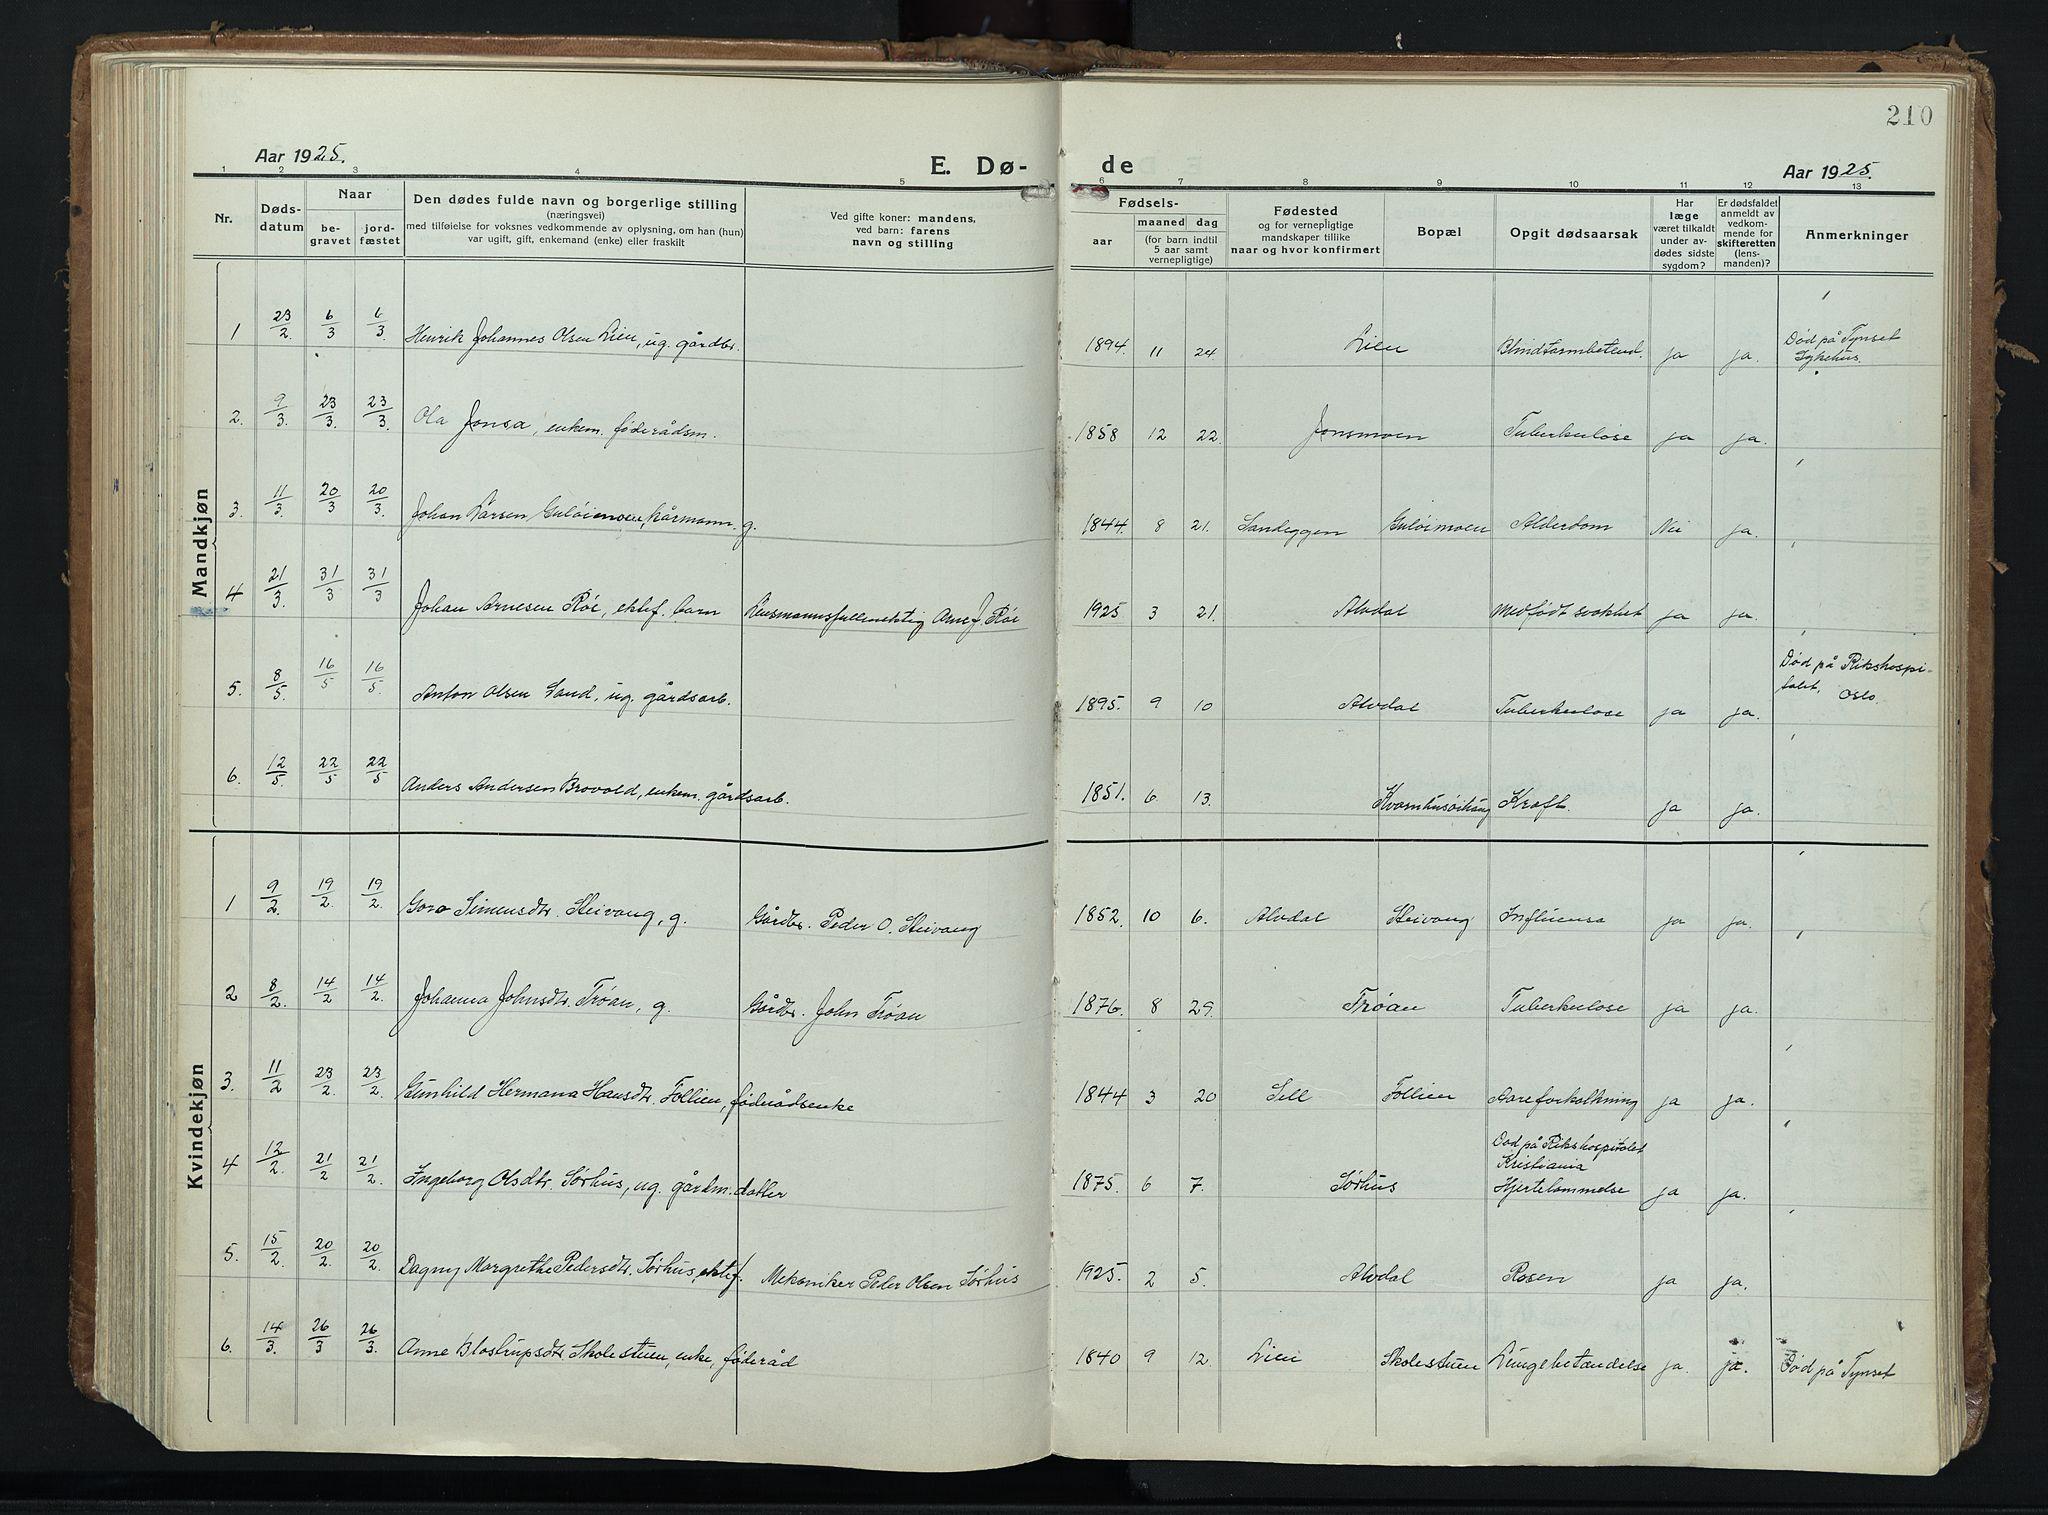 SAH, Alvdal prestekontor, Ministerialbok nr. 6, 1920-1937, s. 210